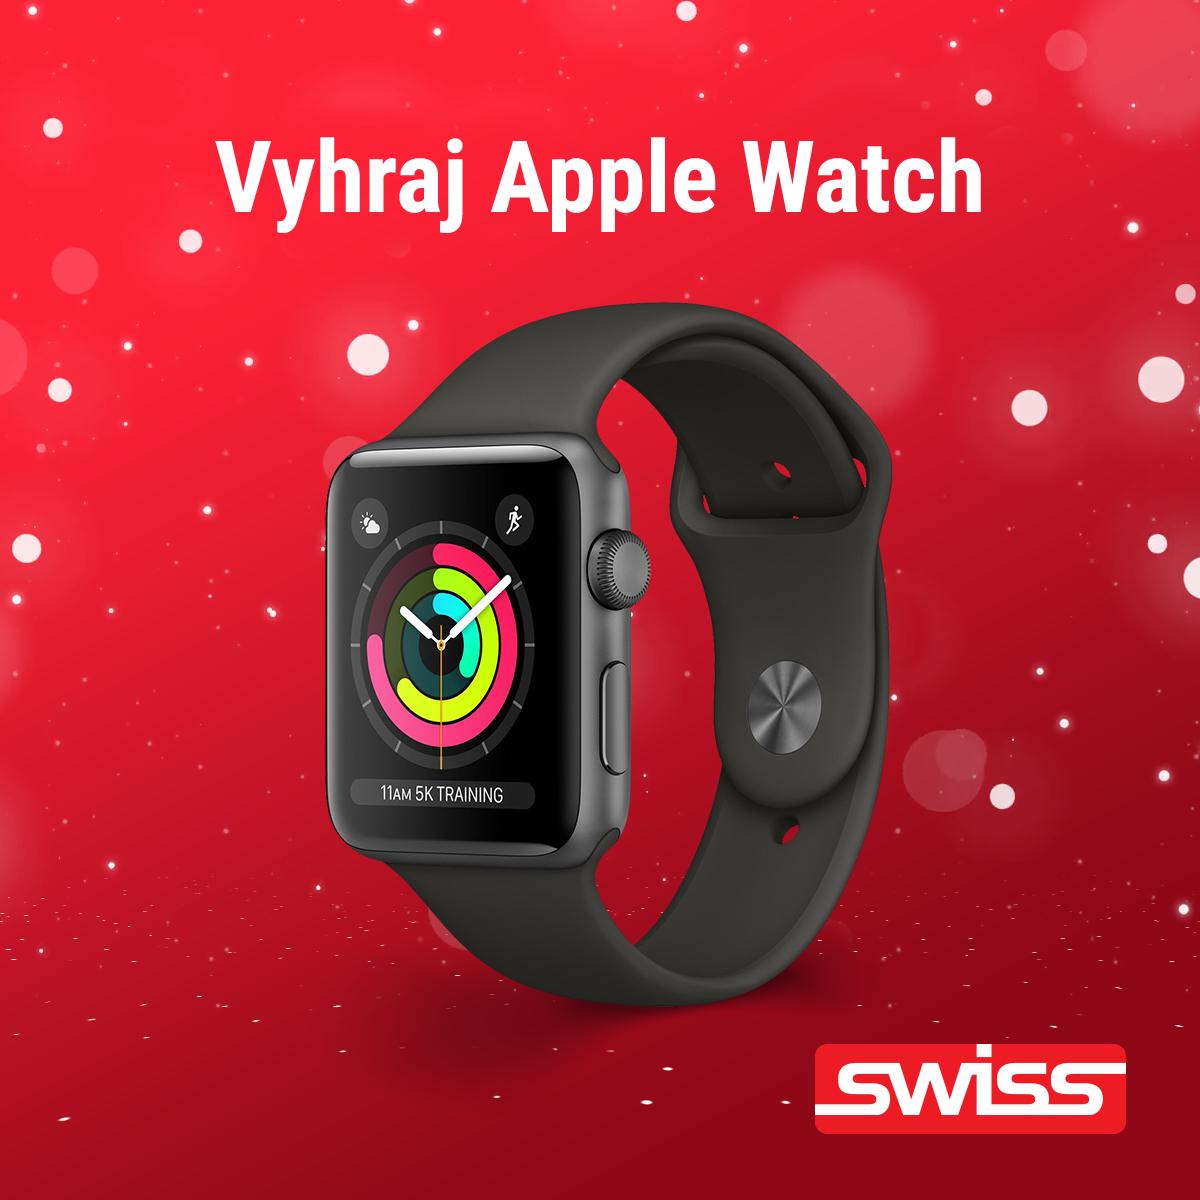 Vianočná Facebook Súťaž o Apple Watch Series 3